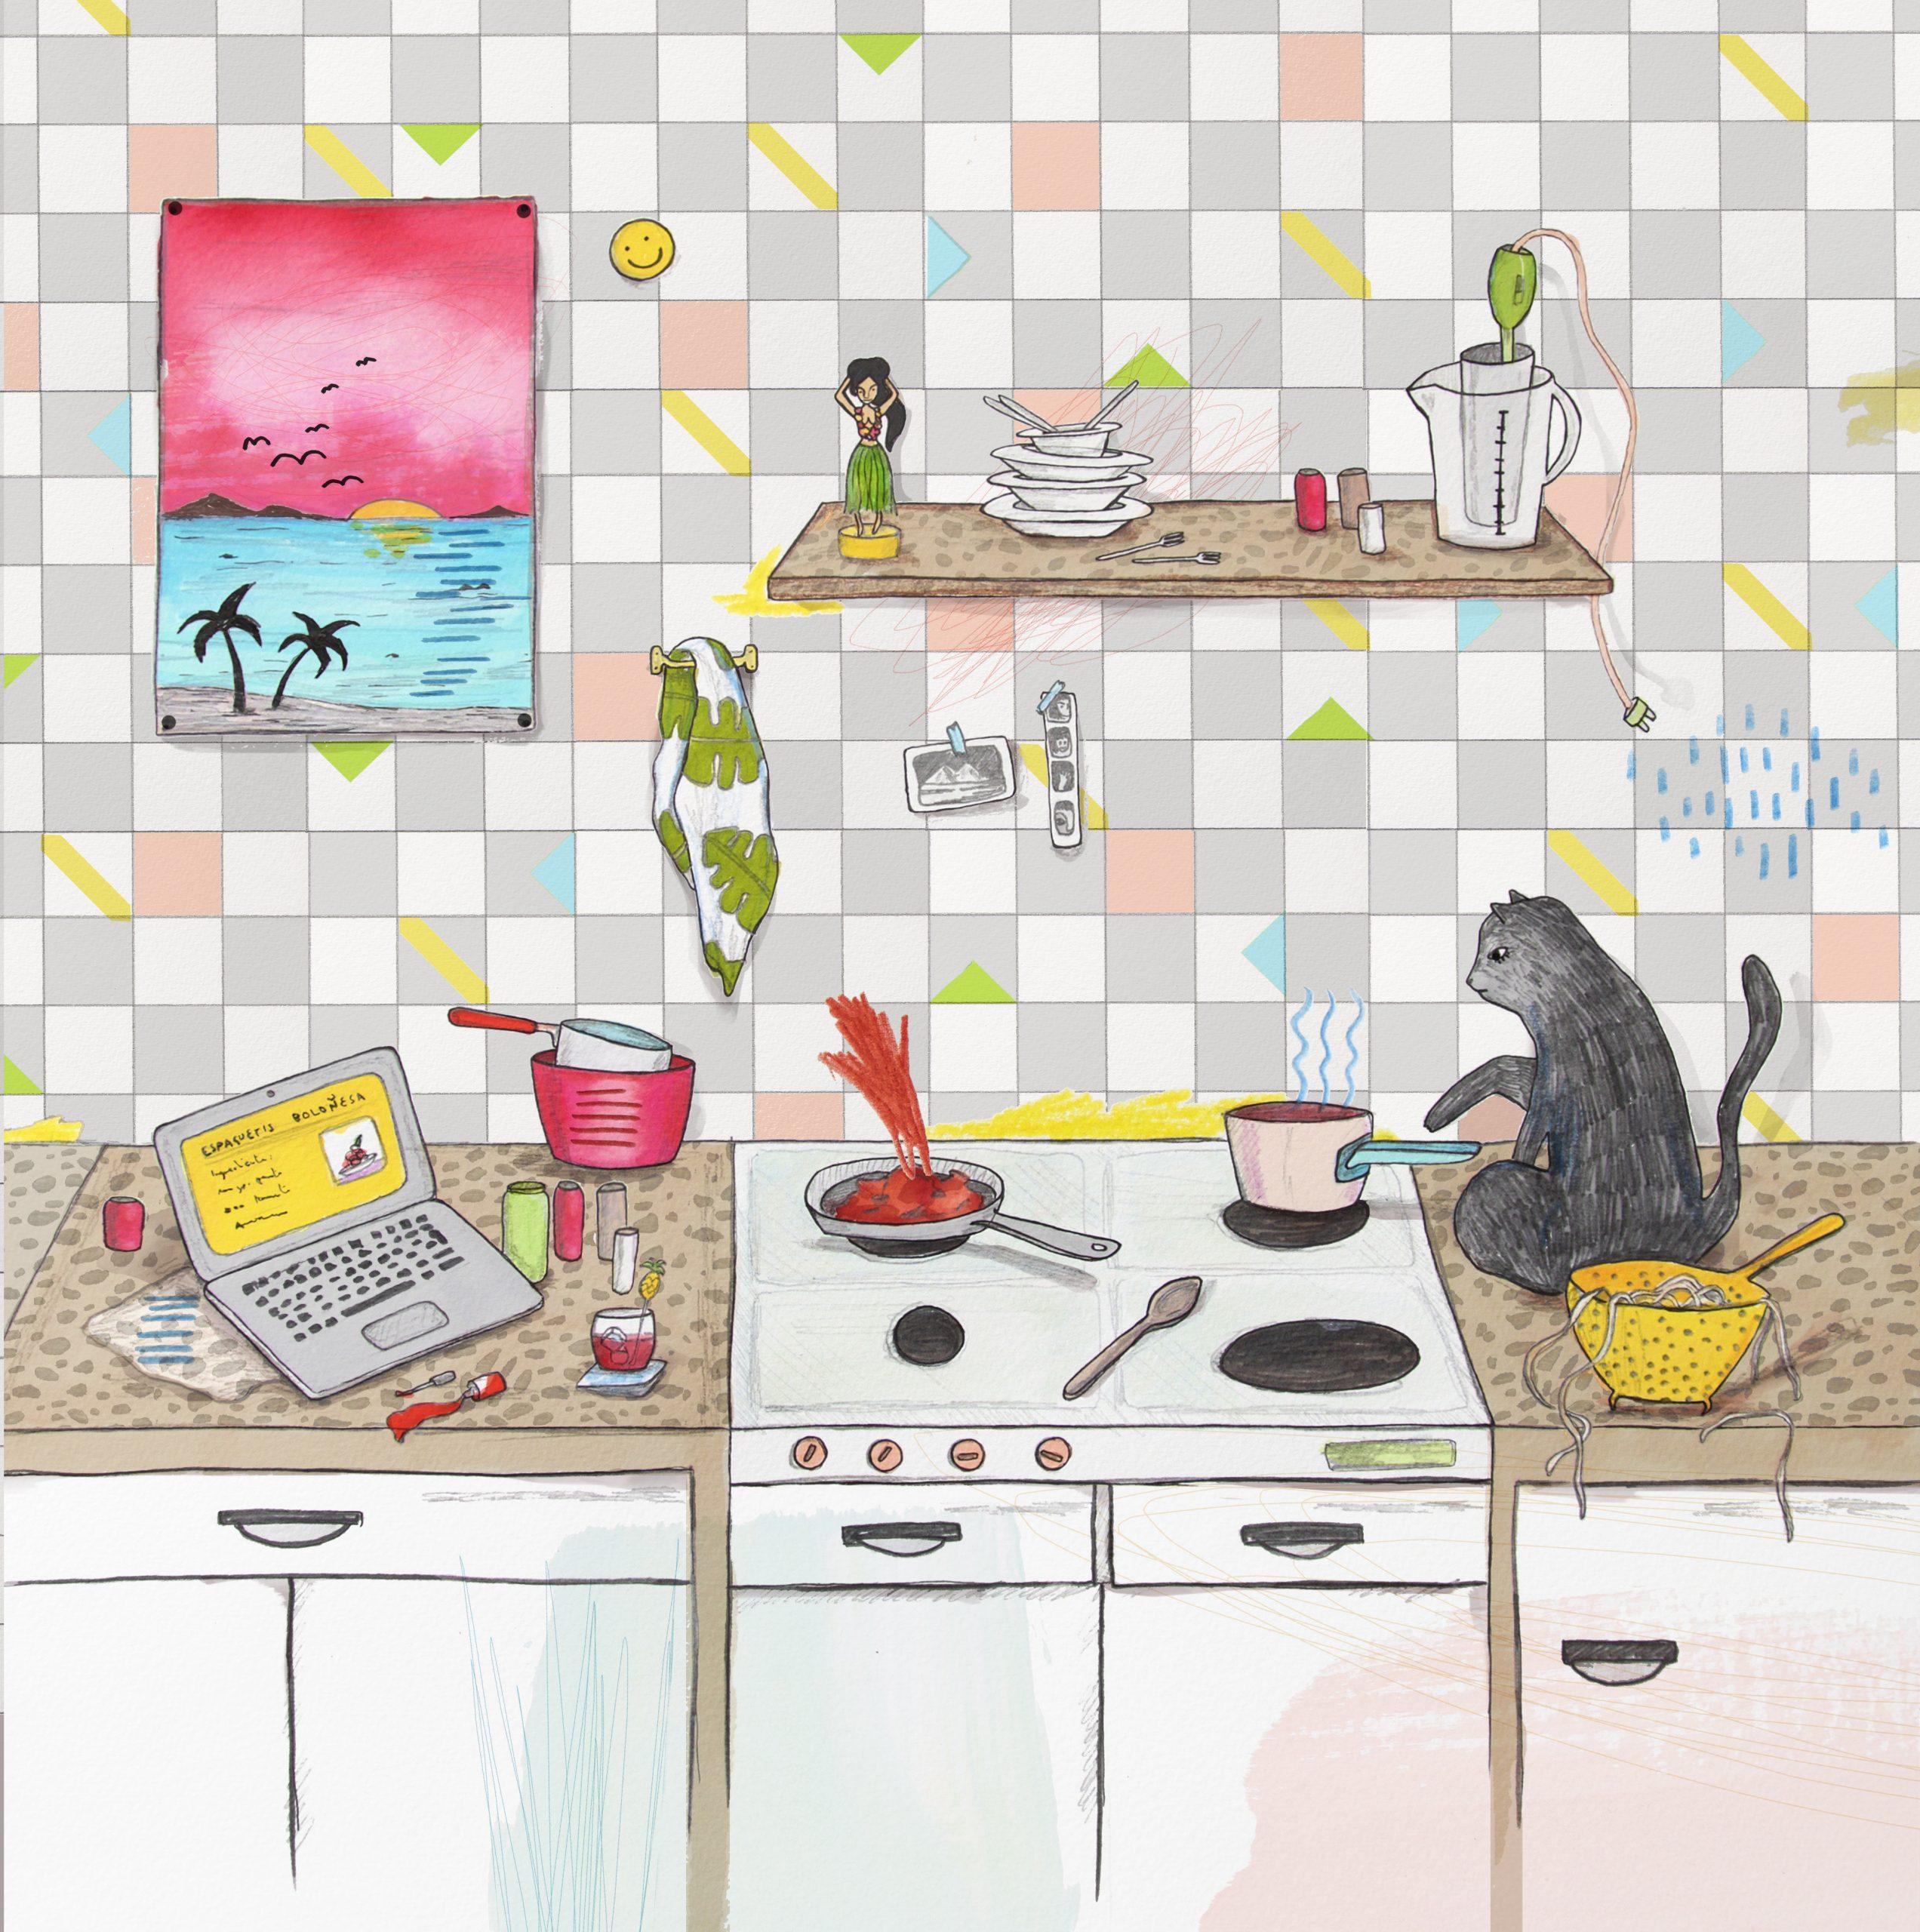 kitchen1_Belén Segarra